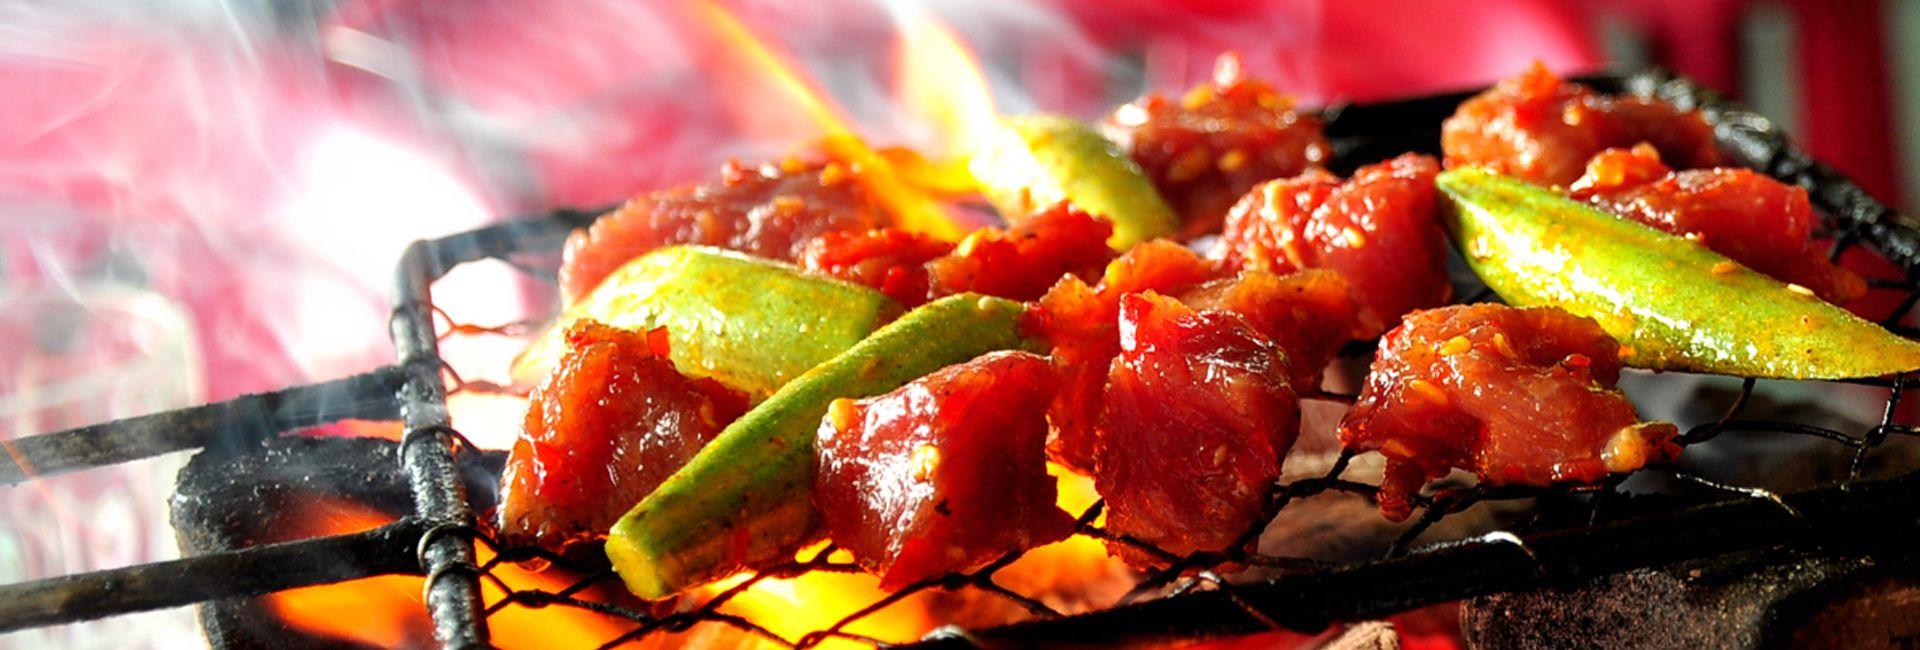 Khám phá nhà hàng bò nướng Lạc Cảnh ngon nức tiếng Nha Trang